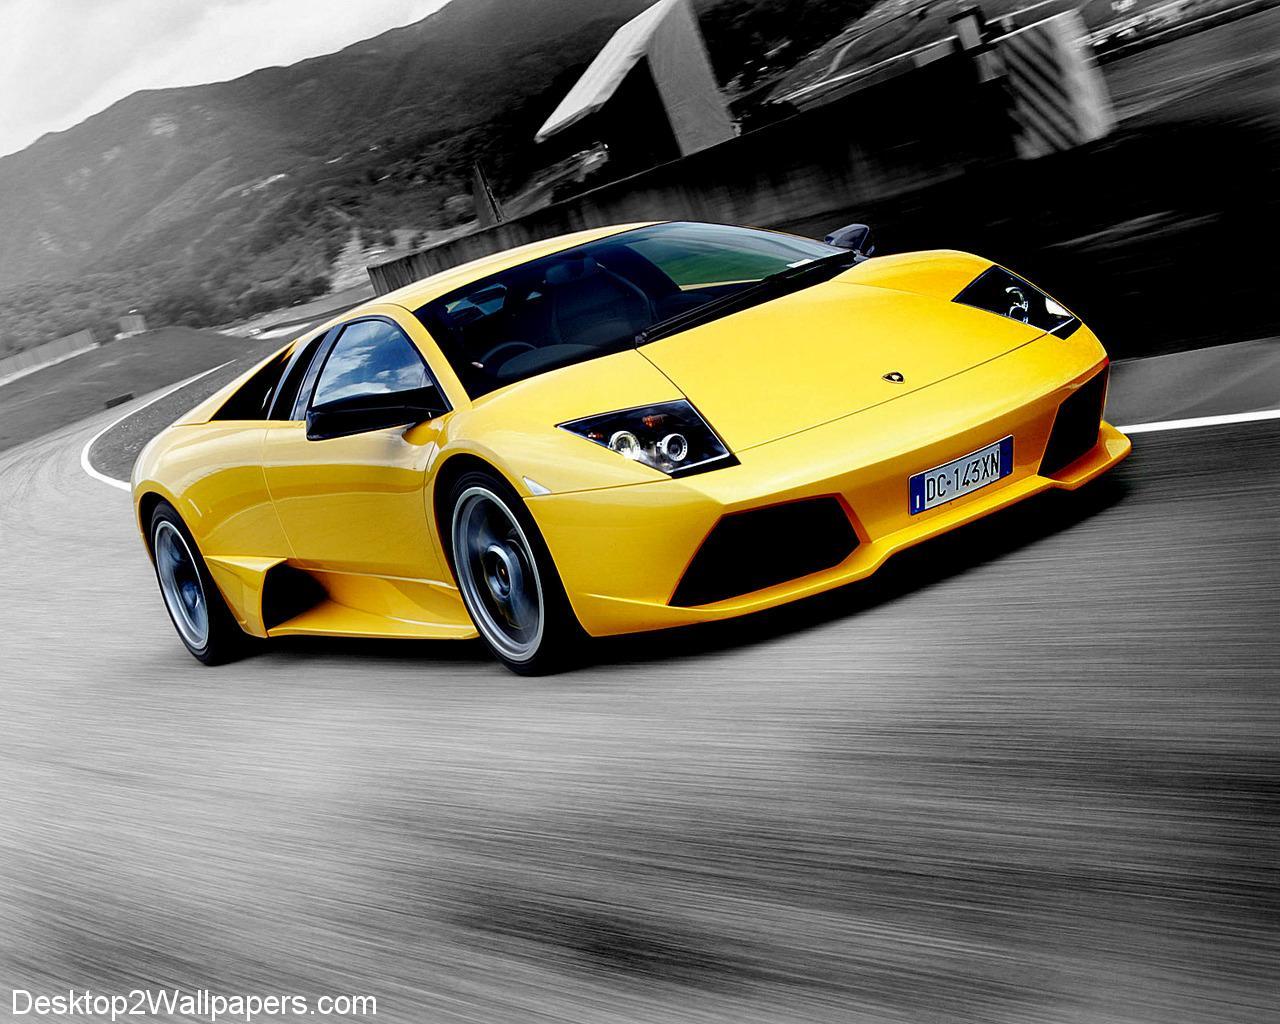 Lamborghini Murcielago Wallpaper Hd Wallpapersafari